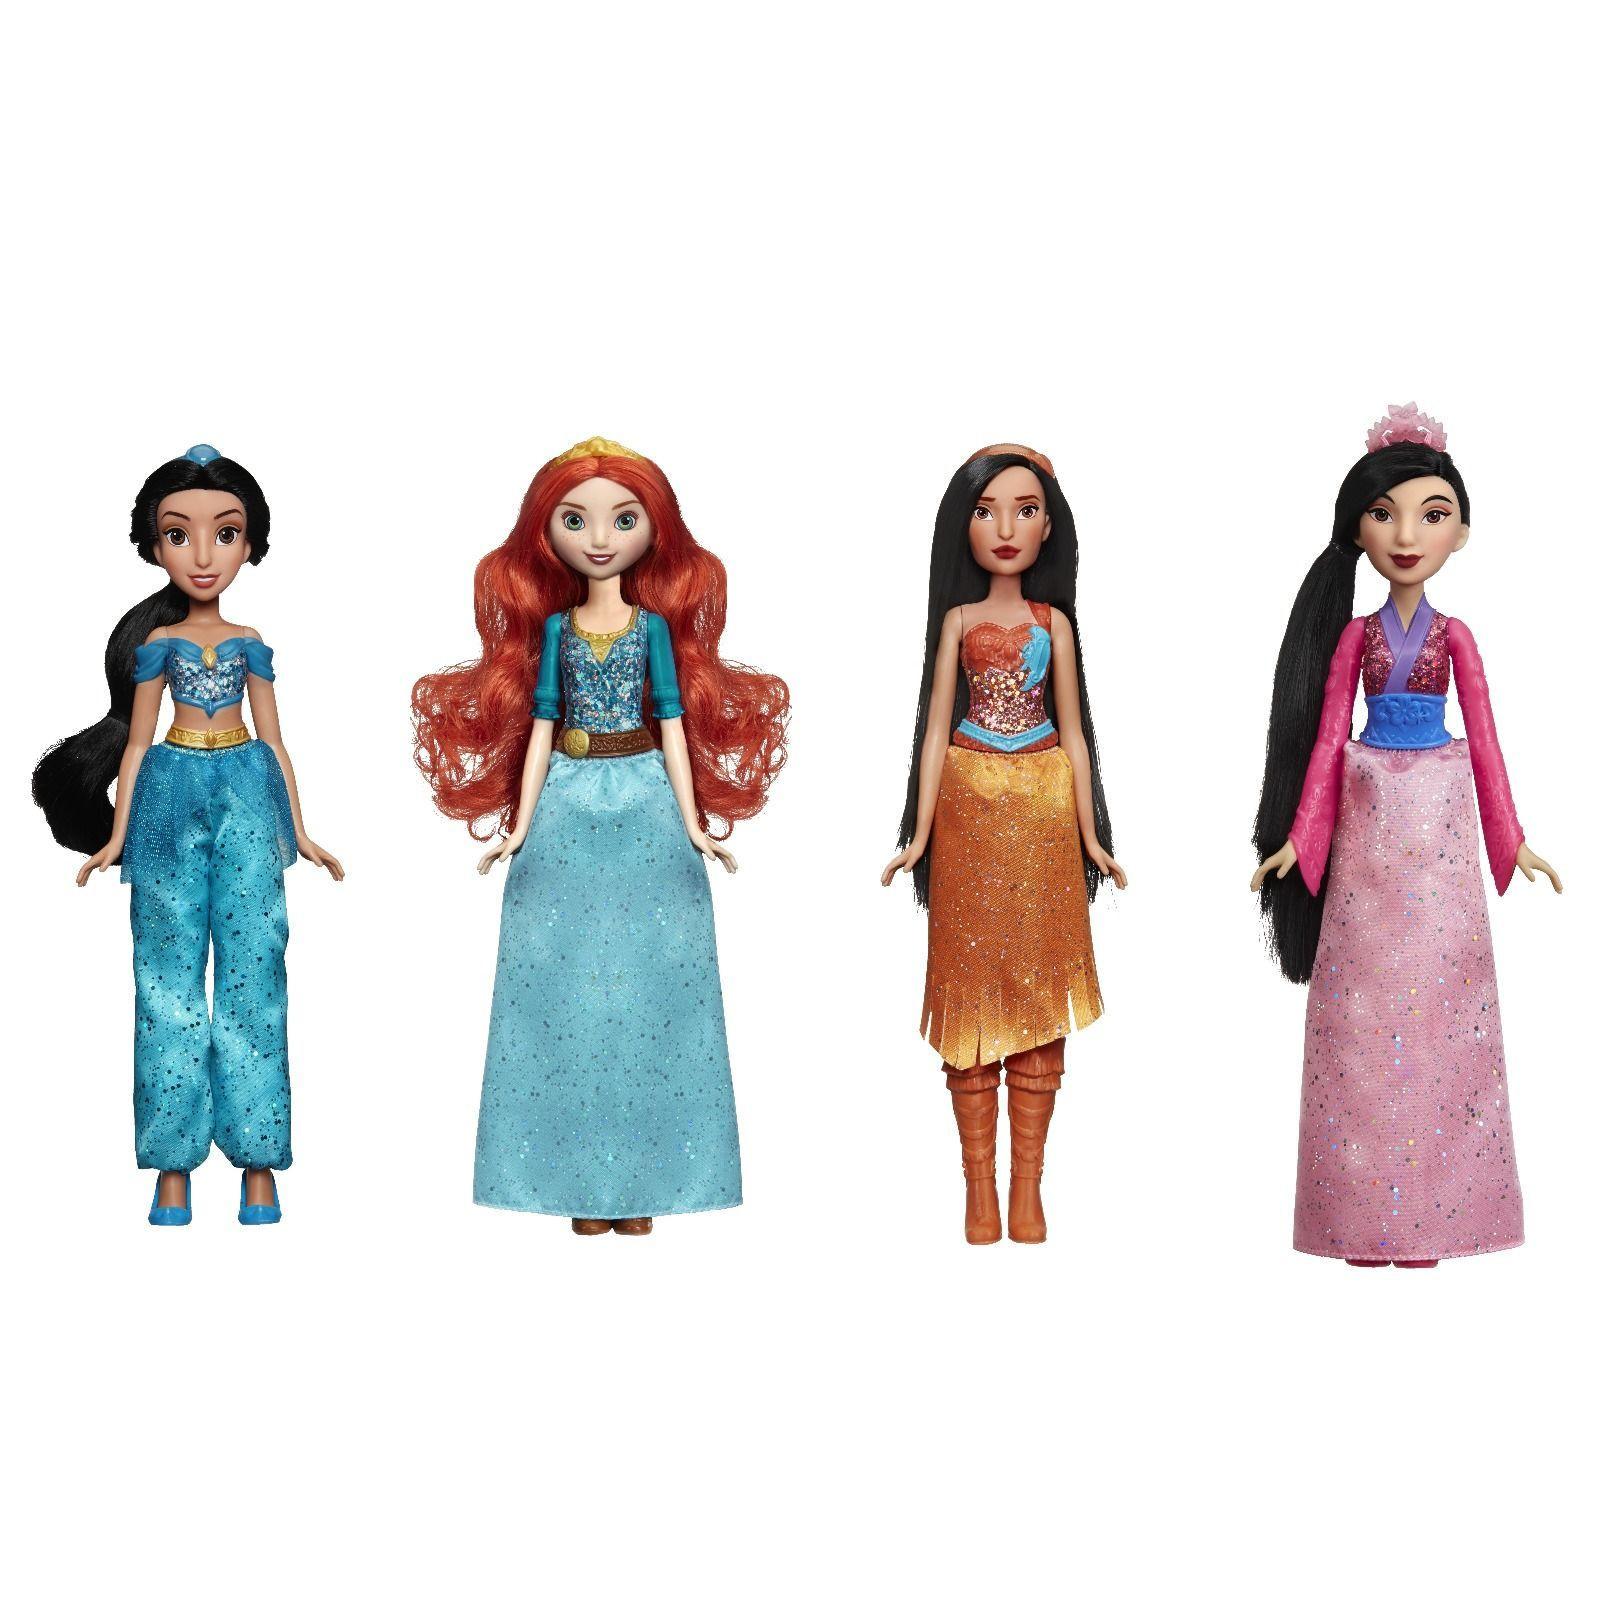 Купить Кукла Disney Princess - Принцесса Дисней, Hasbro